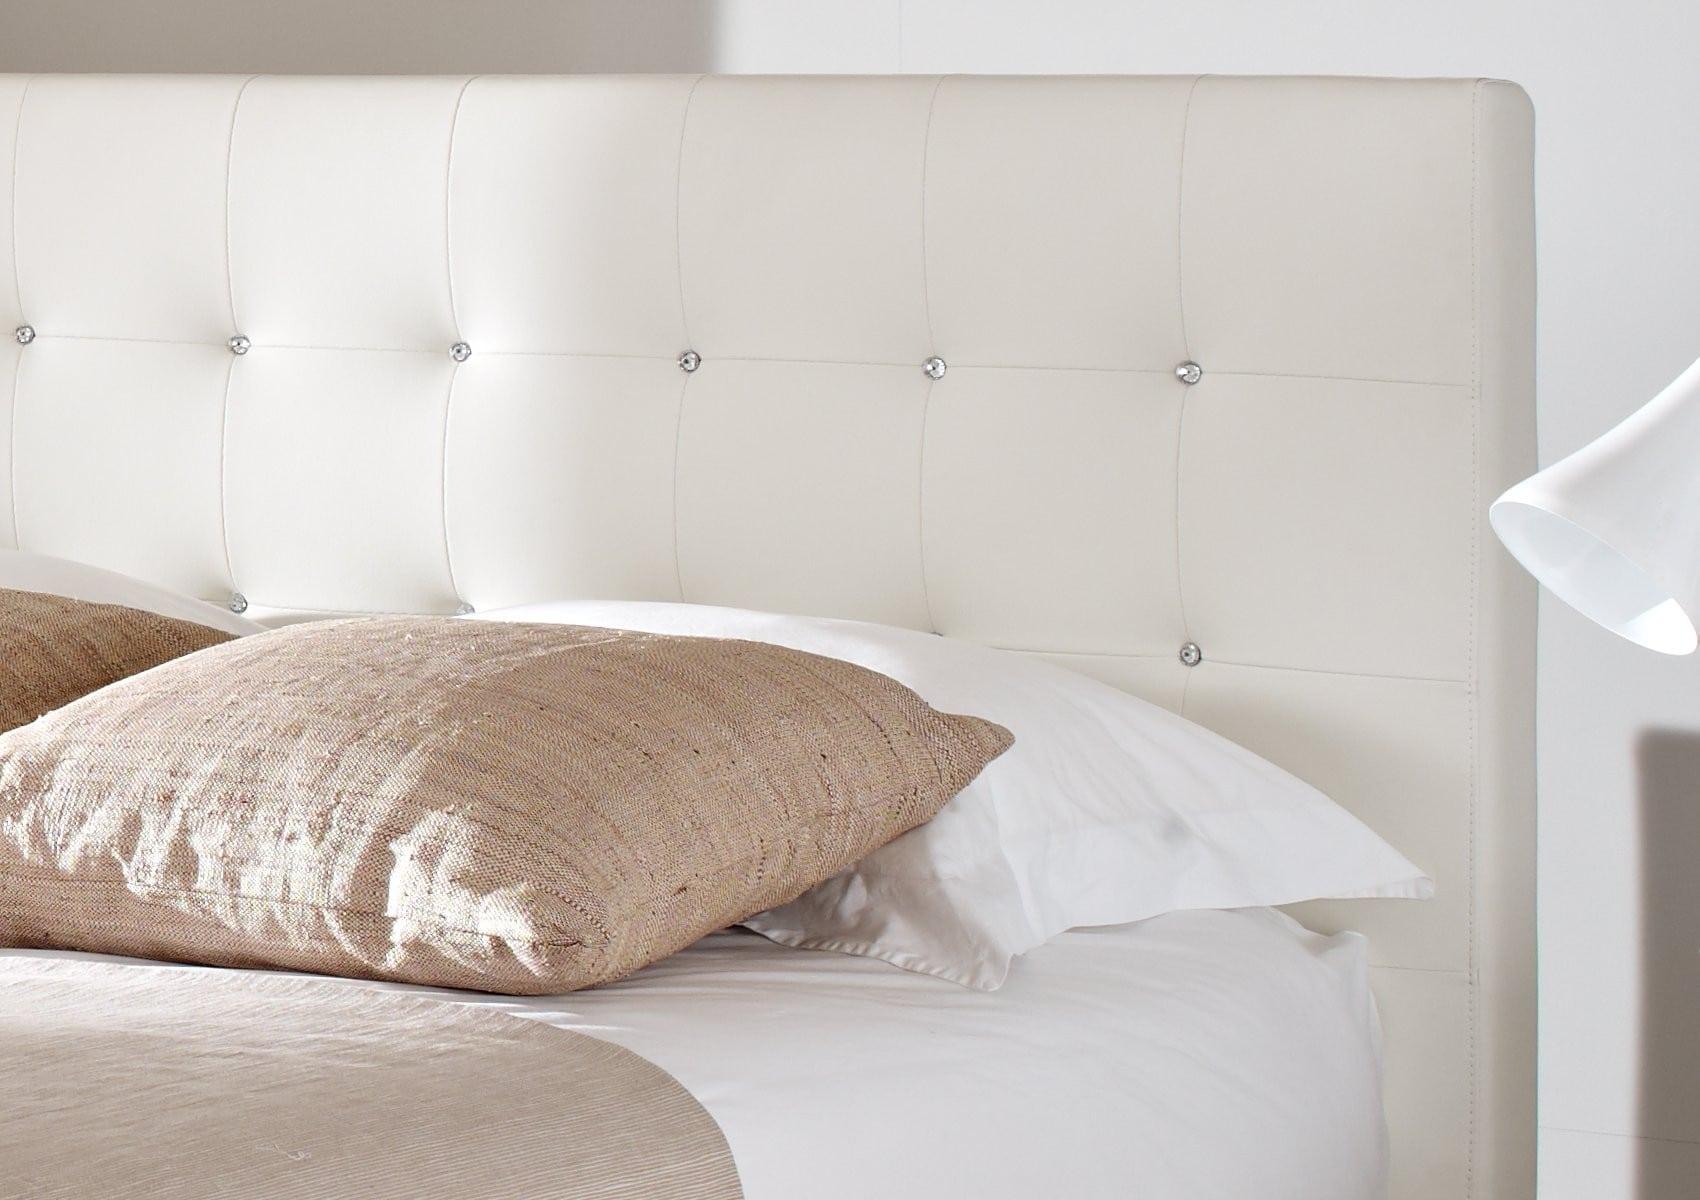 Cabeceros de cama baratos en Colchón Exprés